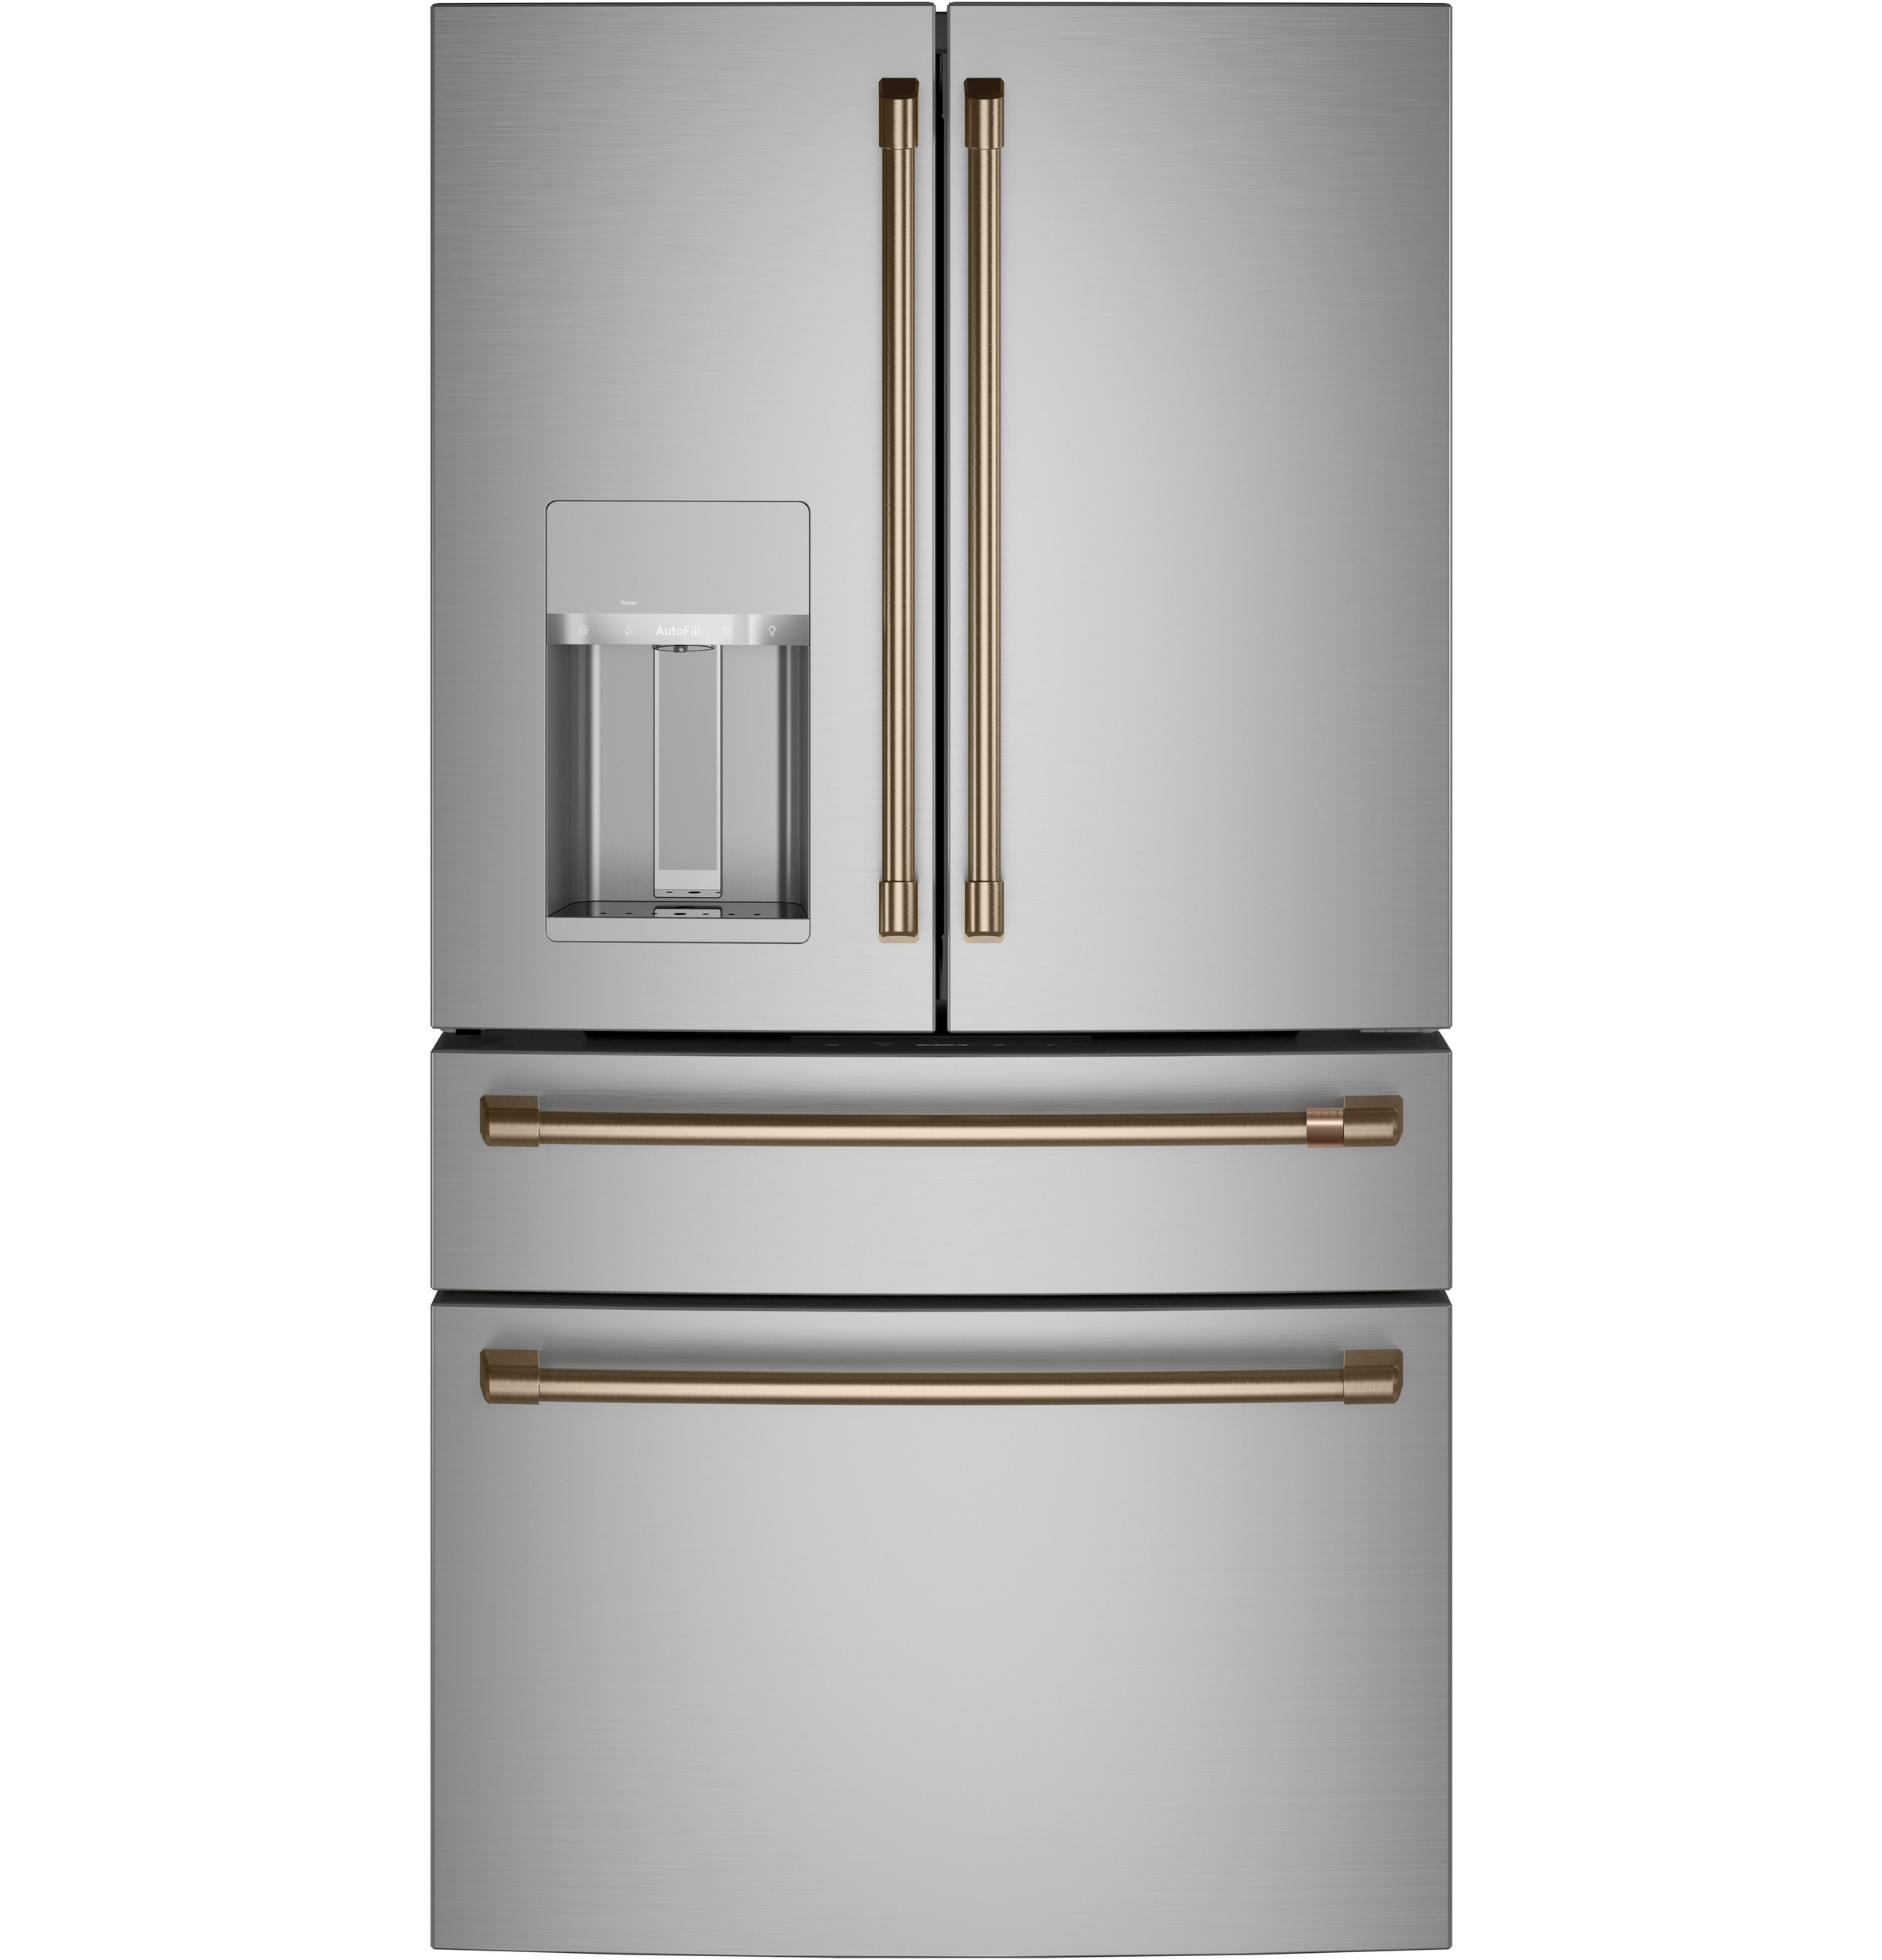 Model: CVE28DP2NS1 | Cafe Café™ ENERGY STAR® 27.8 Cu. Ft. Smart 4-Door French-Door Refrigerator